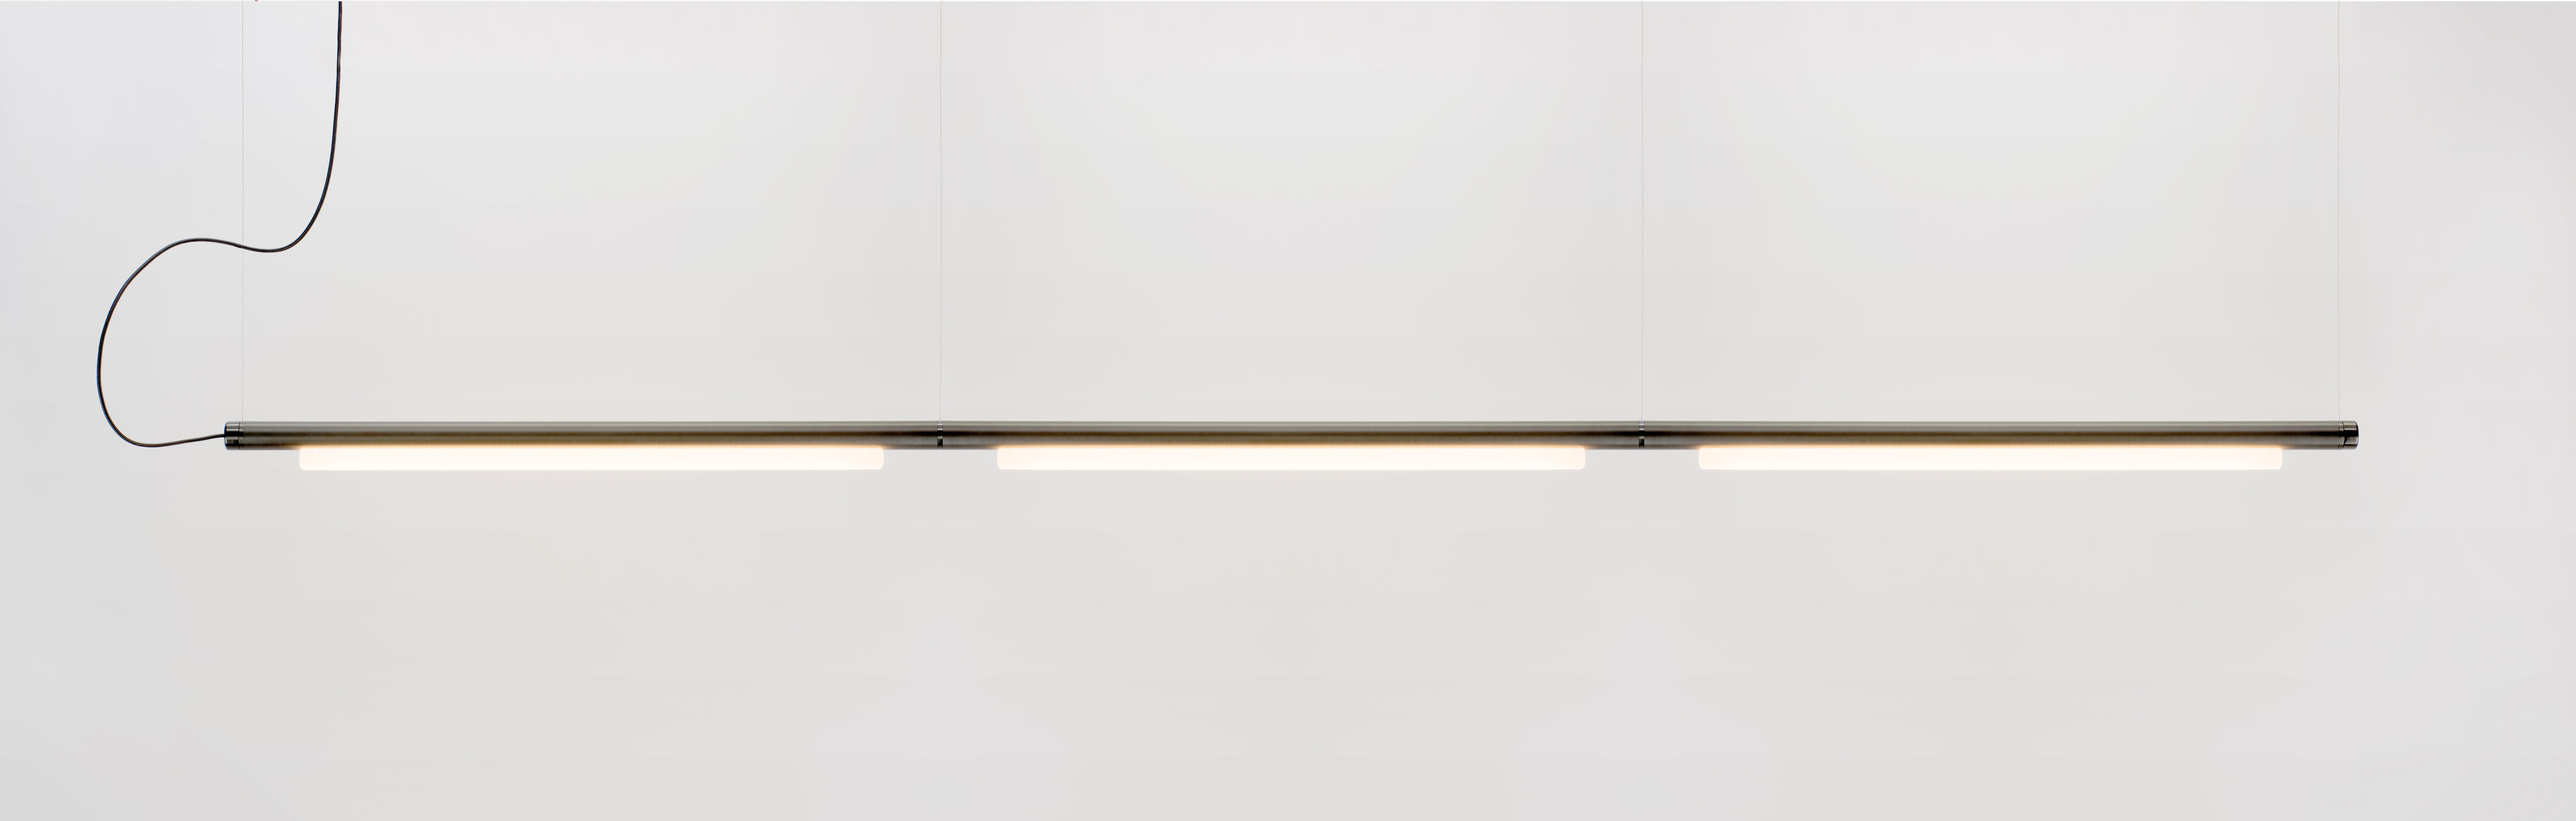 Andlight Pipeline 125 3 Caine Heintzman2